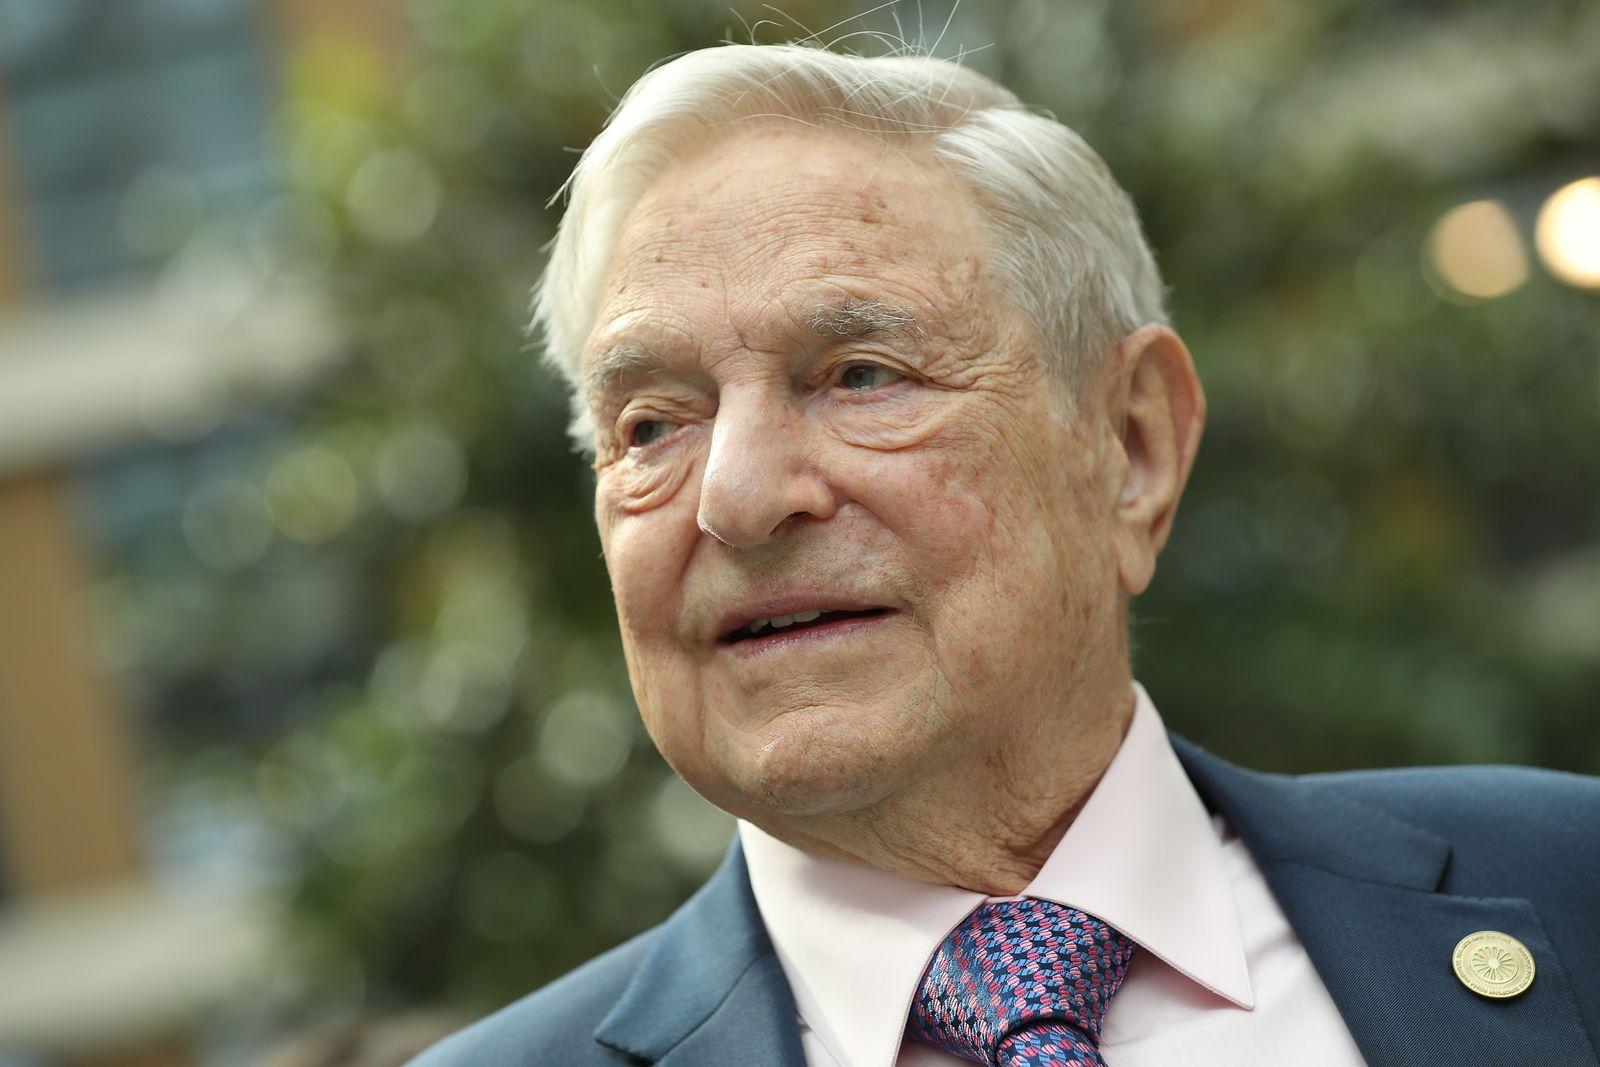 ÖVP/ George Soros